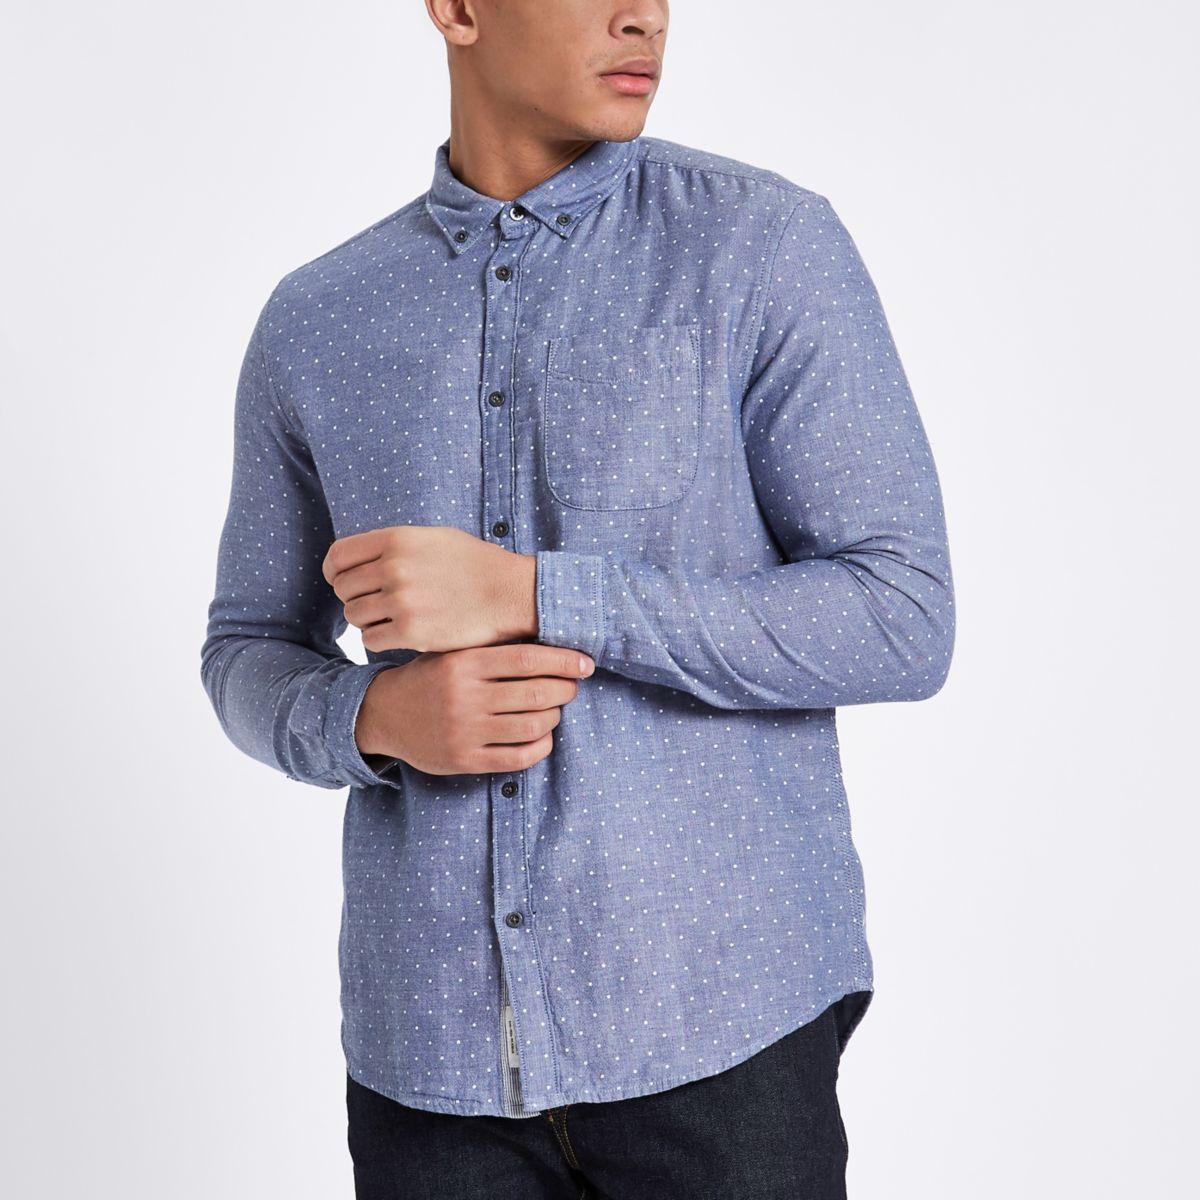 Hellblaues, gepunktetes Langarmhemd